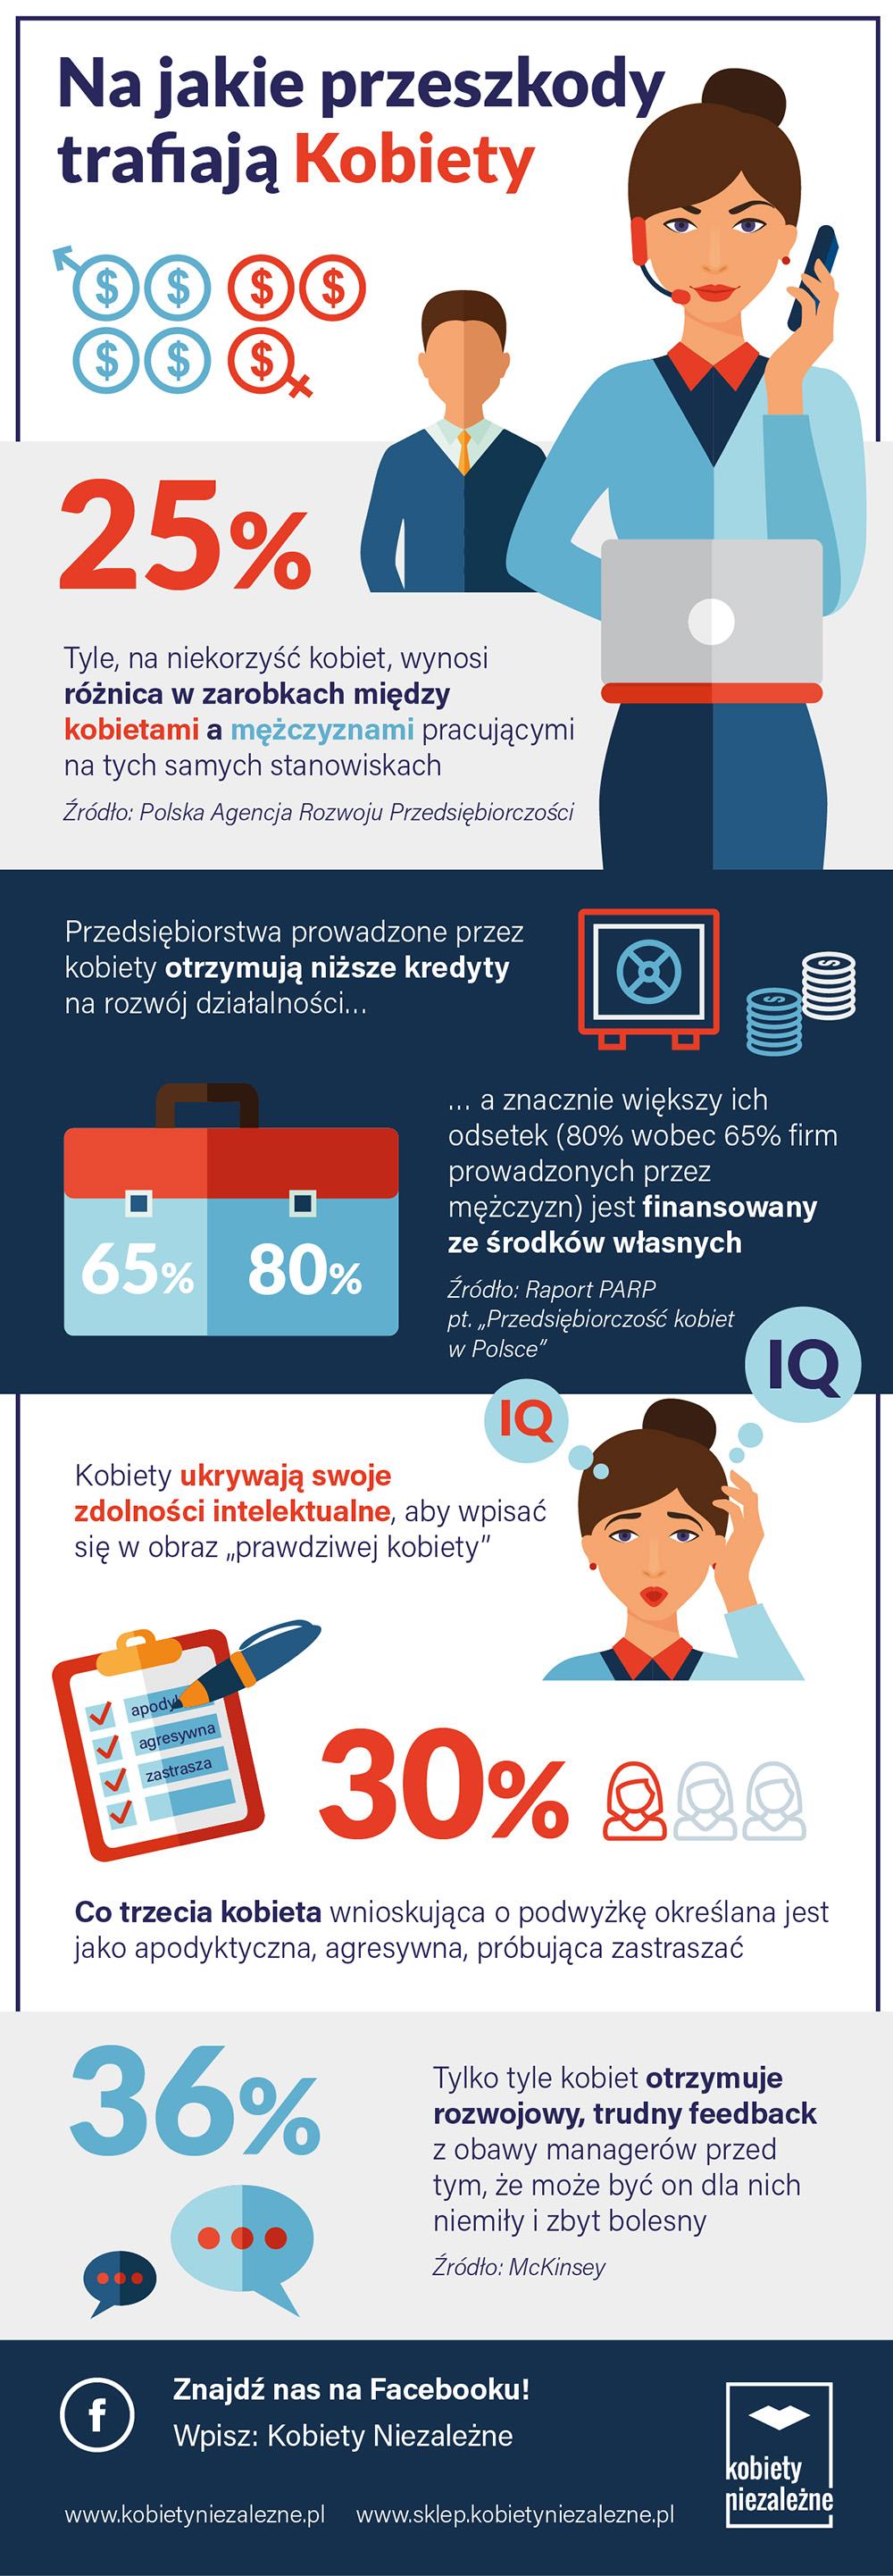 infografika_kobiety przeszkody.jpg